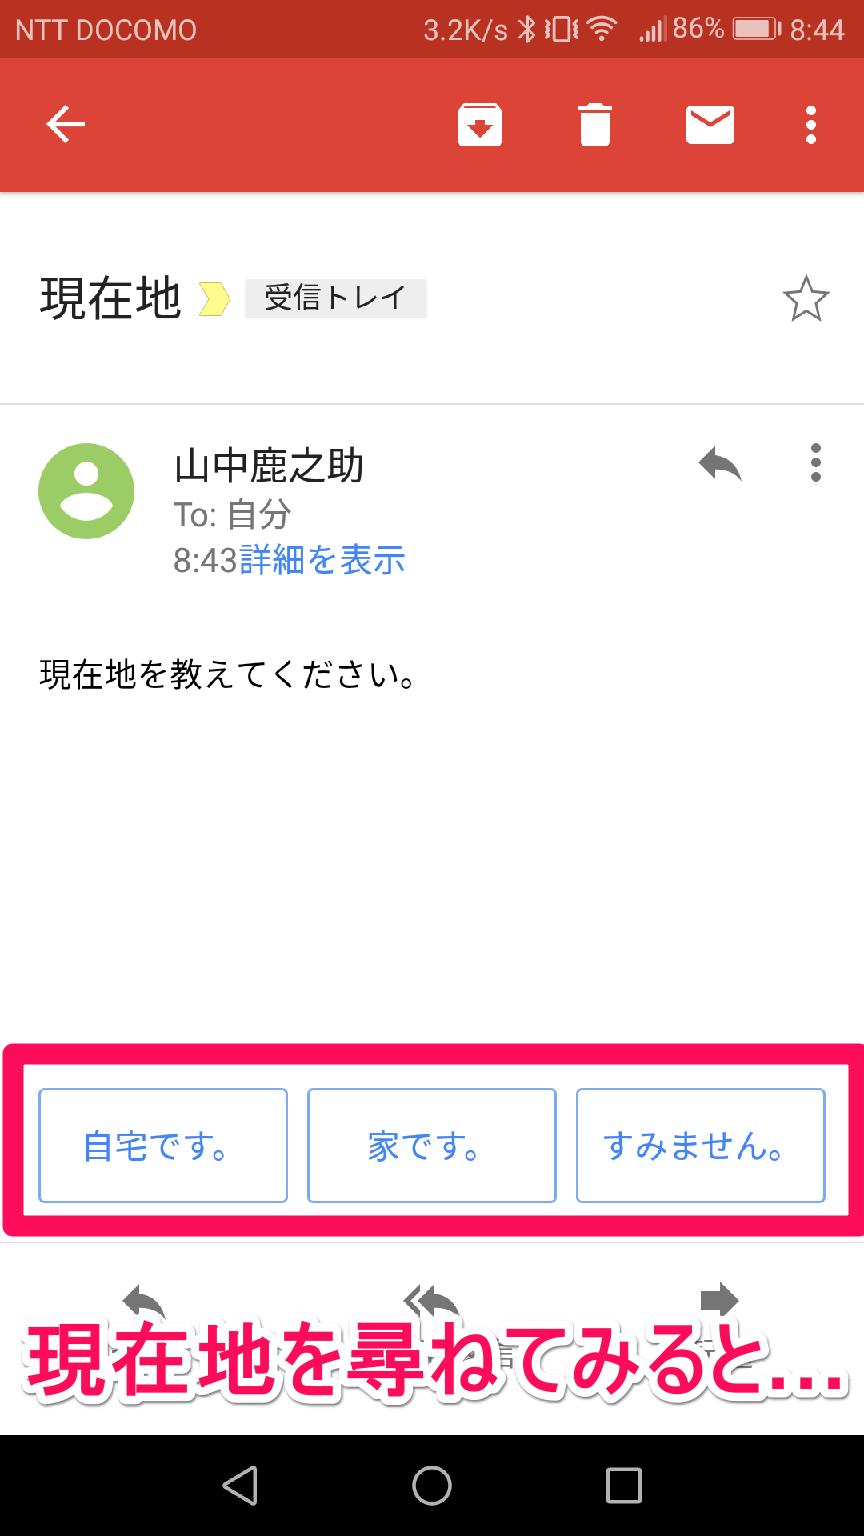 Gmail(ジーメール)のSmart Reply(スマートリプライ)で現在地を尋ねてみた画面